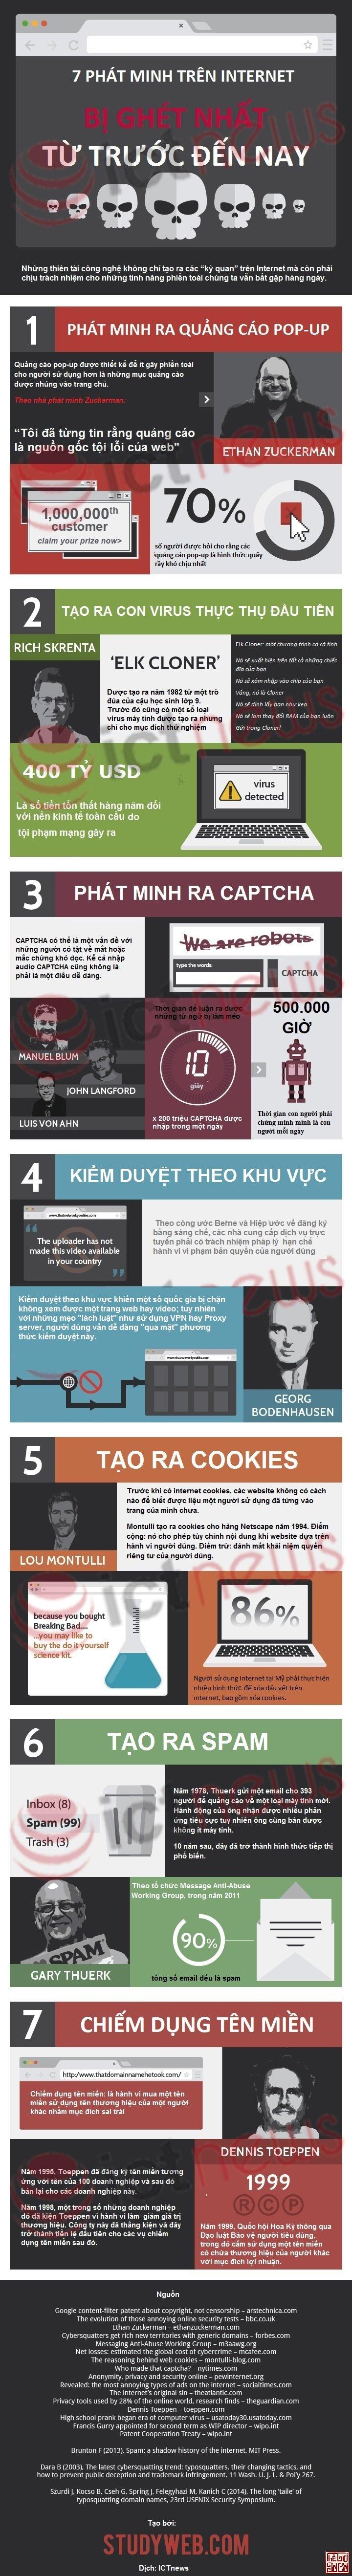 7 phát minh bị ghét nhất trên Internet_Thegioidoco.net.jpg